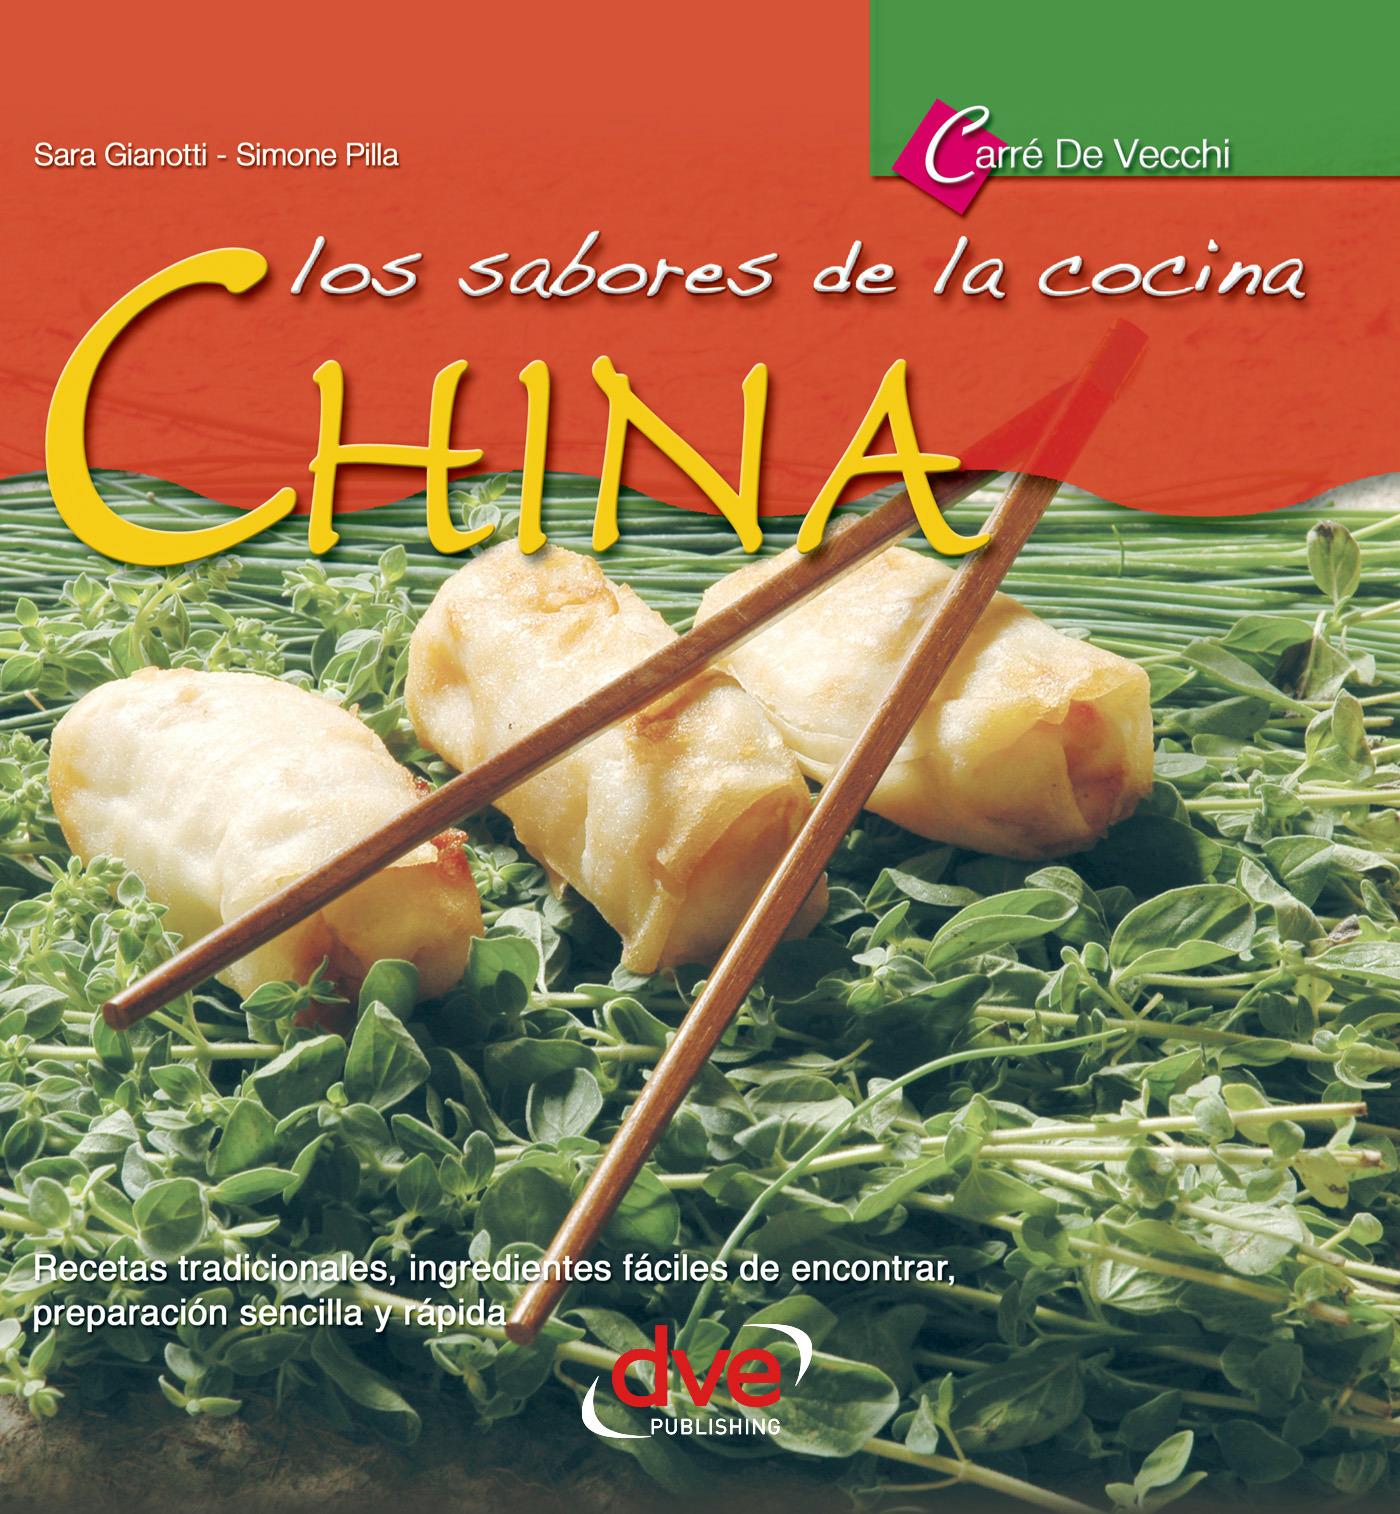 Gianotti, Sara - Los sabores de la cocina china, ebook